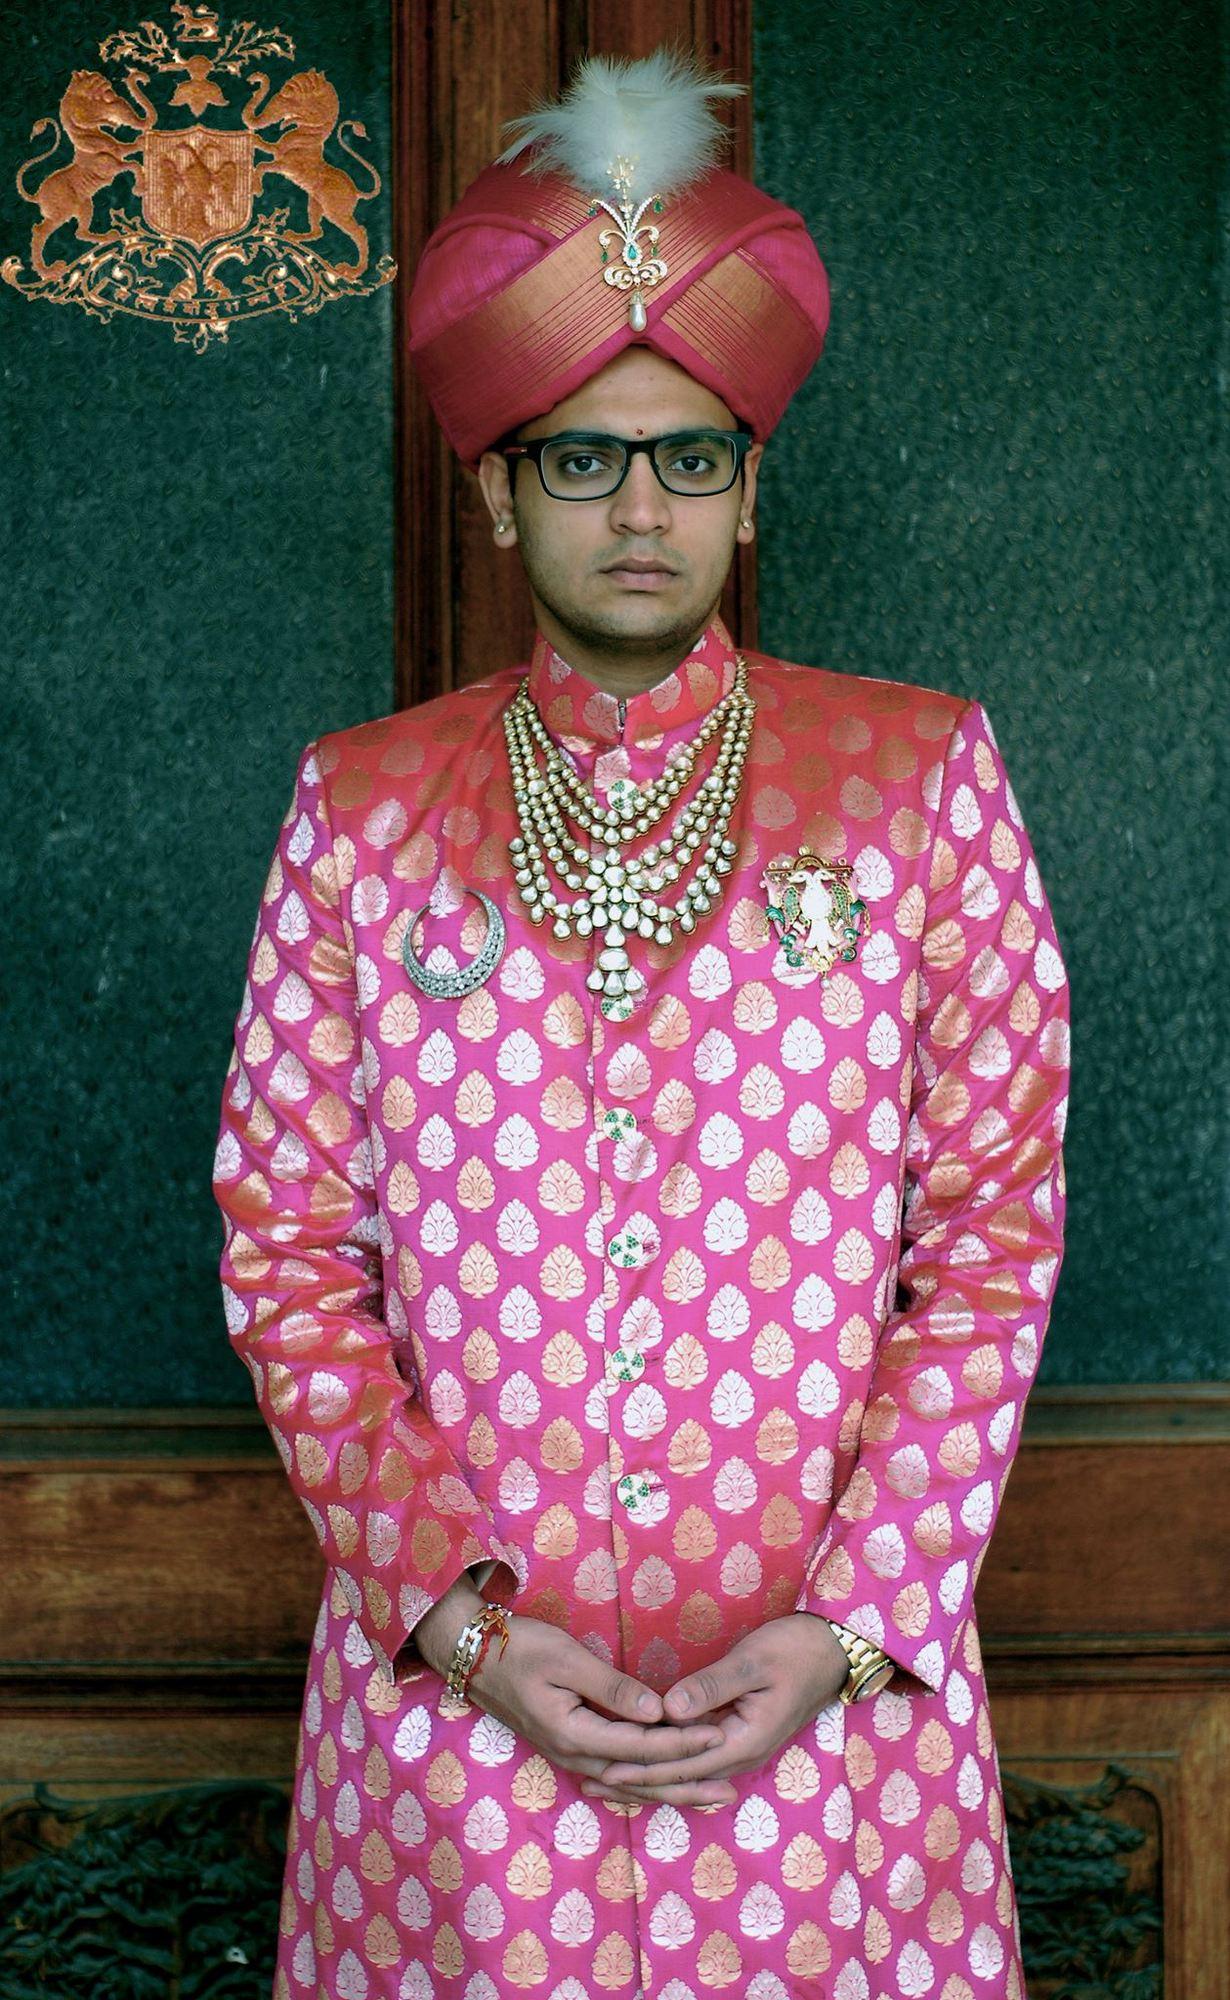 Fashion 2017 muslim - Mysore King Yaduveer Krishnadatta Chamaraja Wadiyar